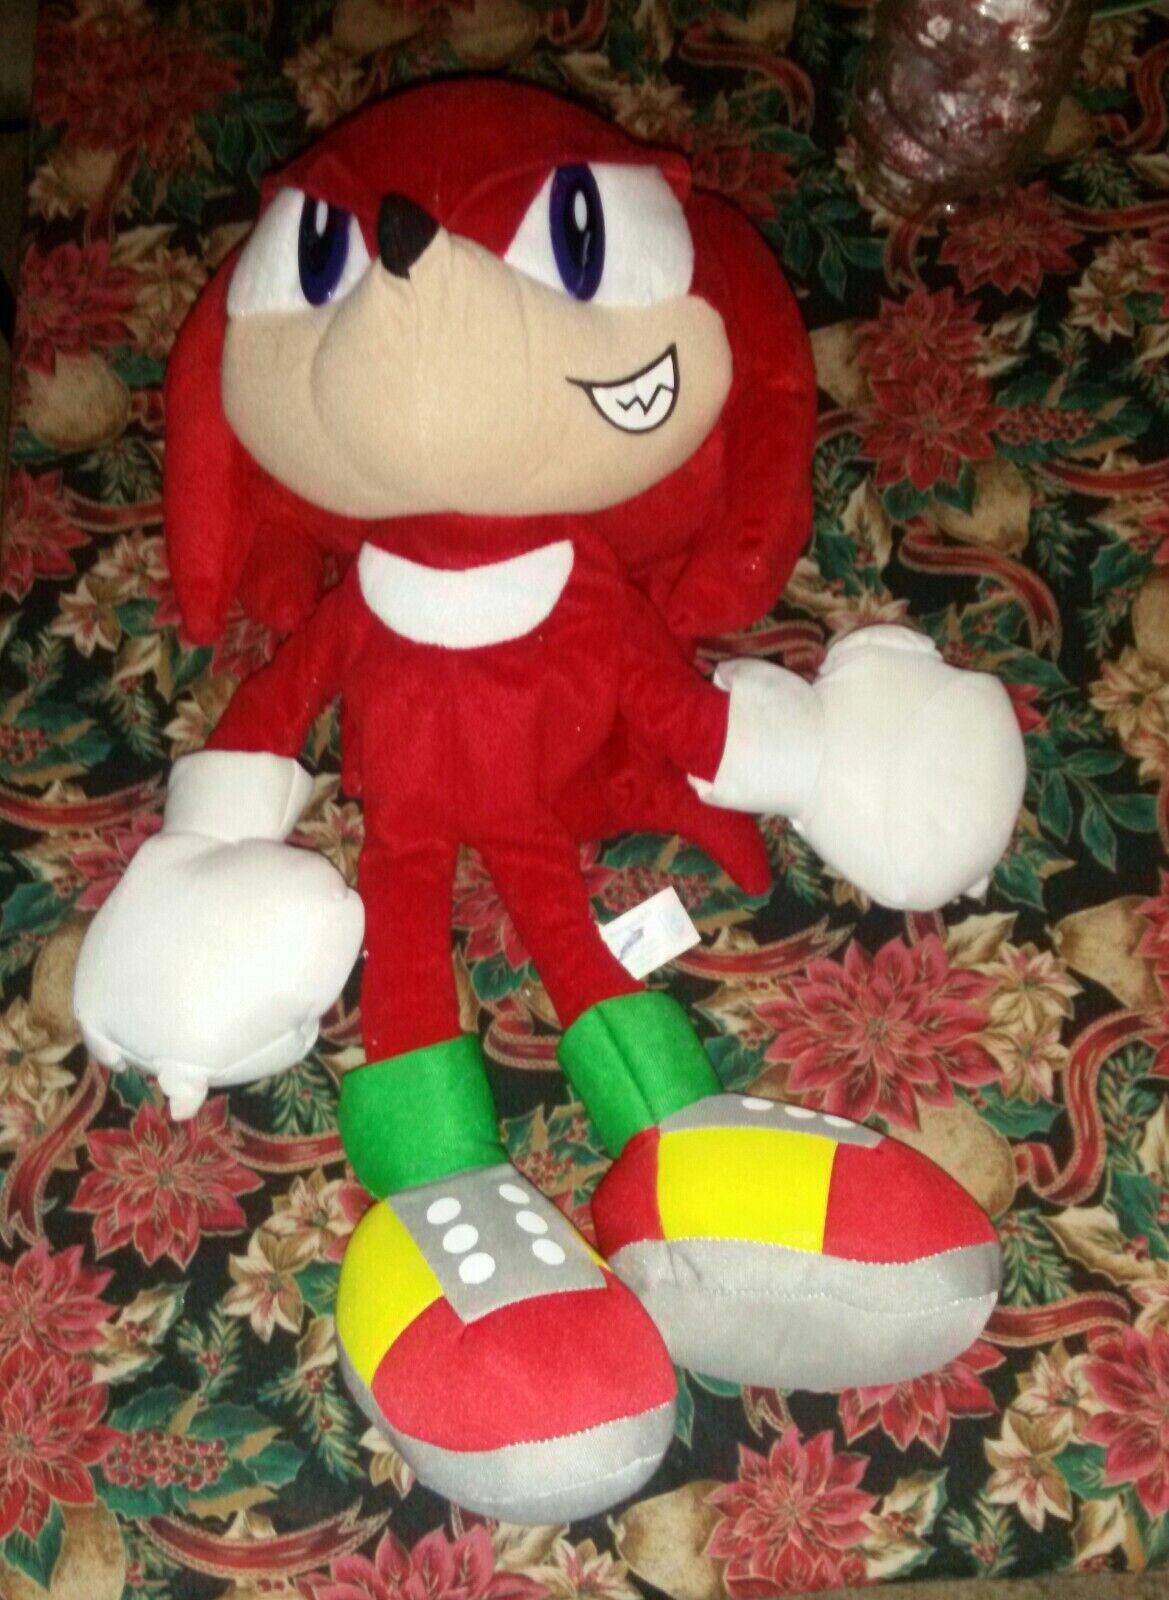 SEGA Knuckles 20  Sonic Hedgehog Plush Figure Spielzeug Network